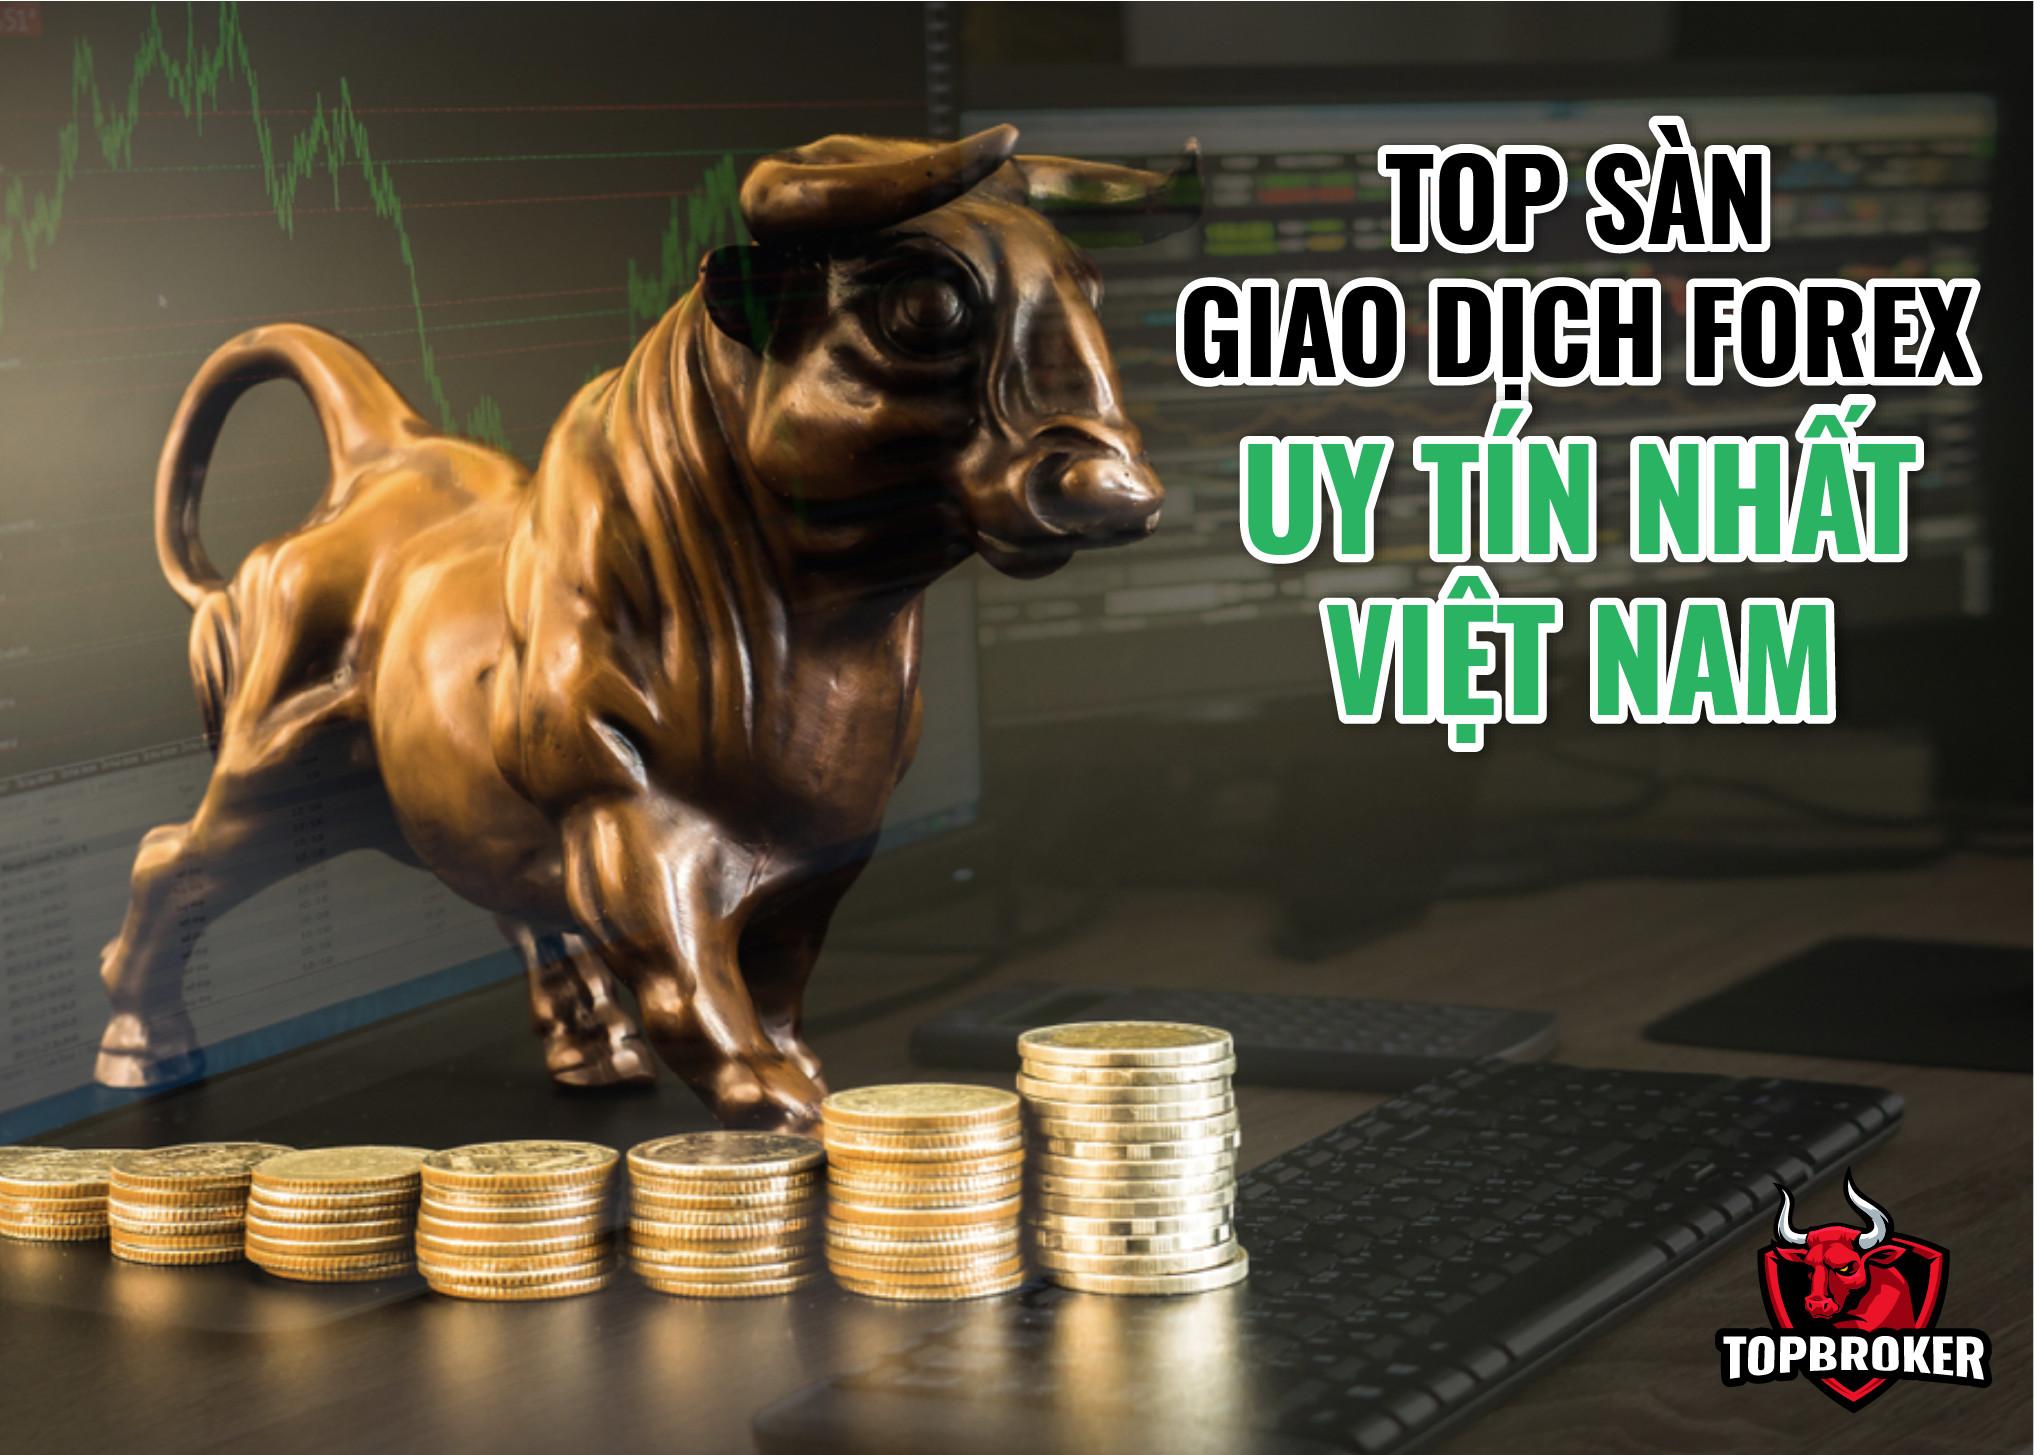 Top Sàn Forex Uy Tín Ở Việt Nam 2021